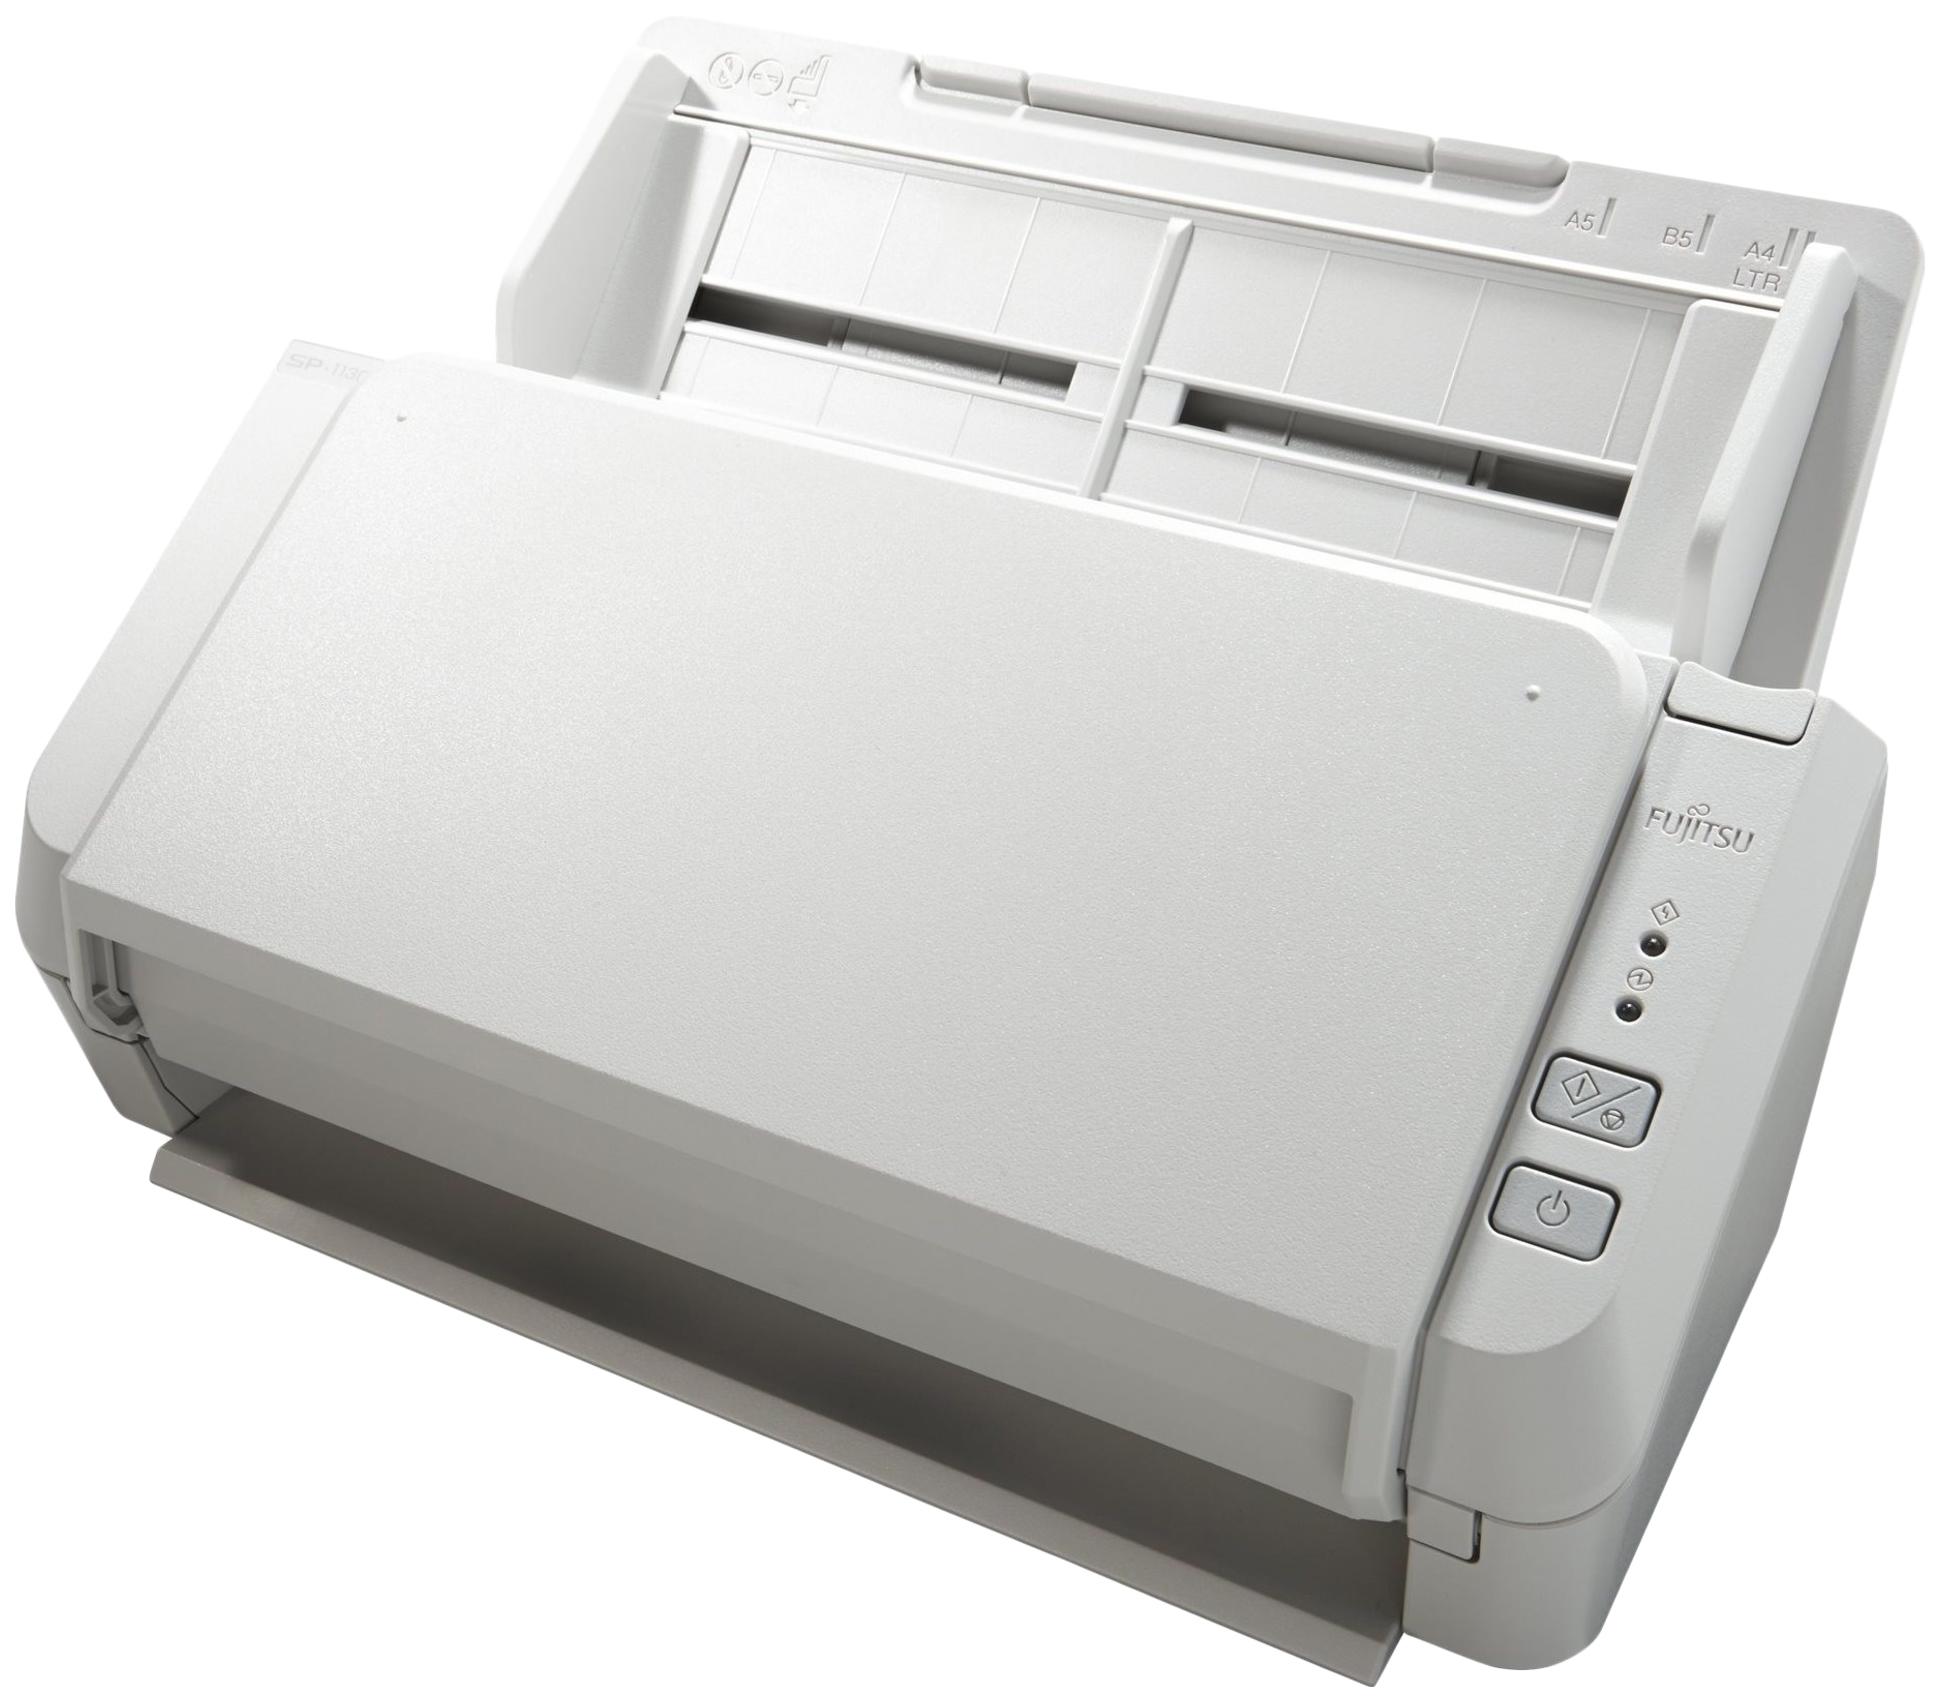 Сканер Fujitsu ScanPartner SP1130 PA03708 B021 Белый